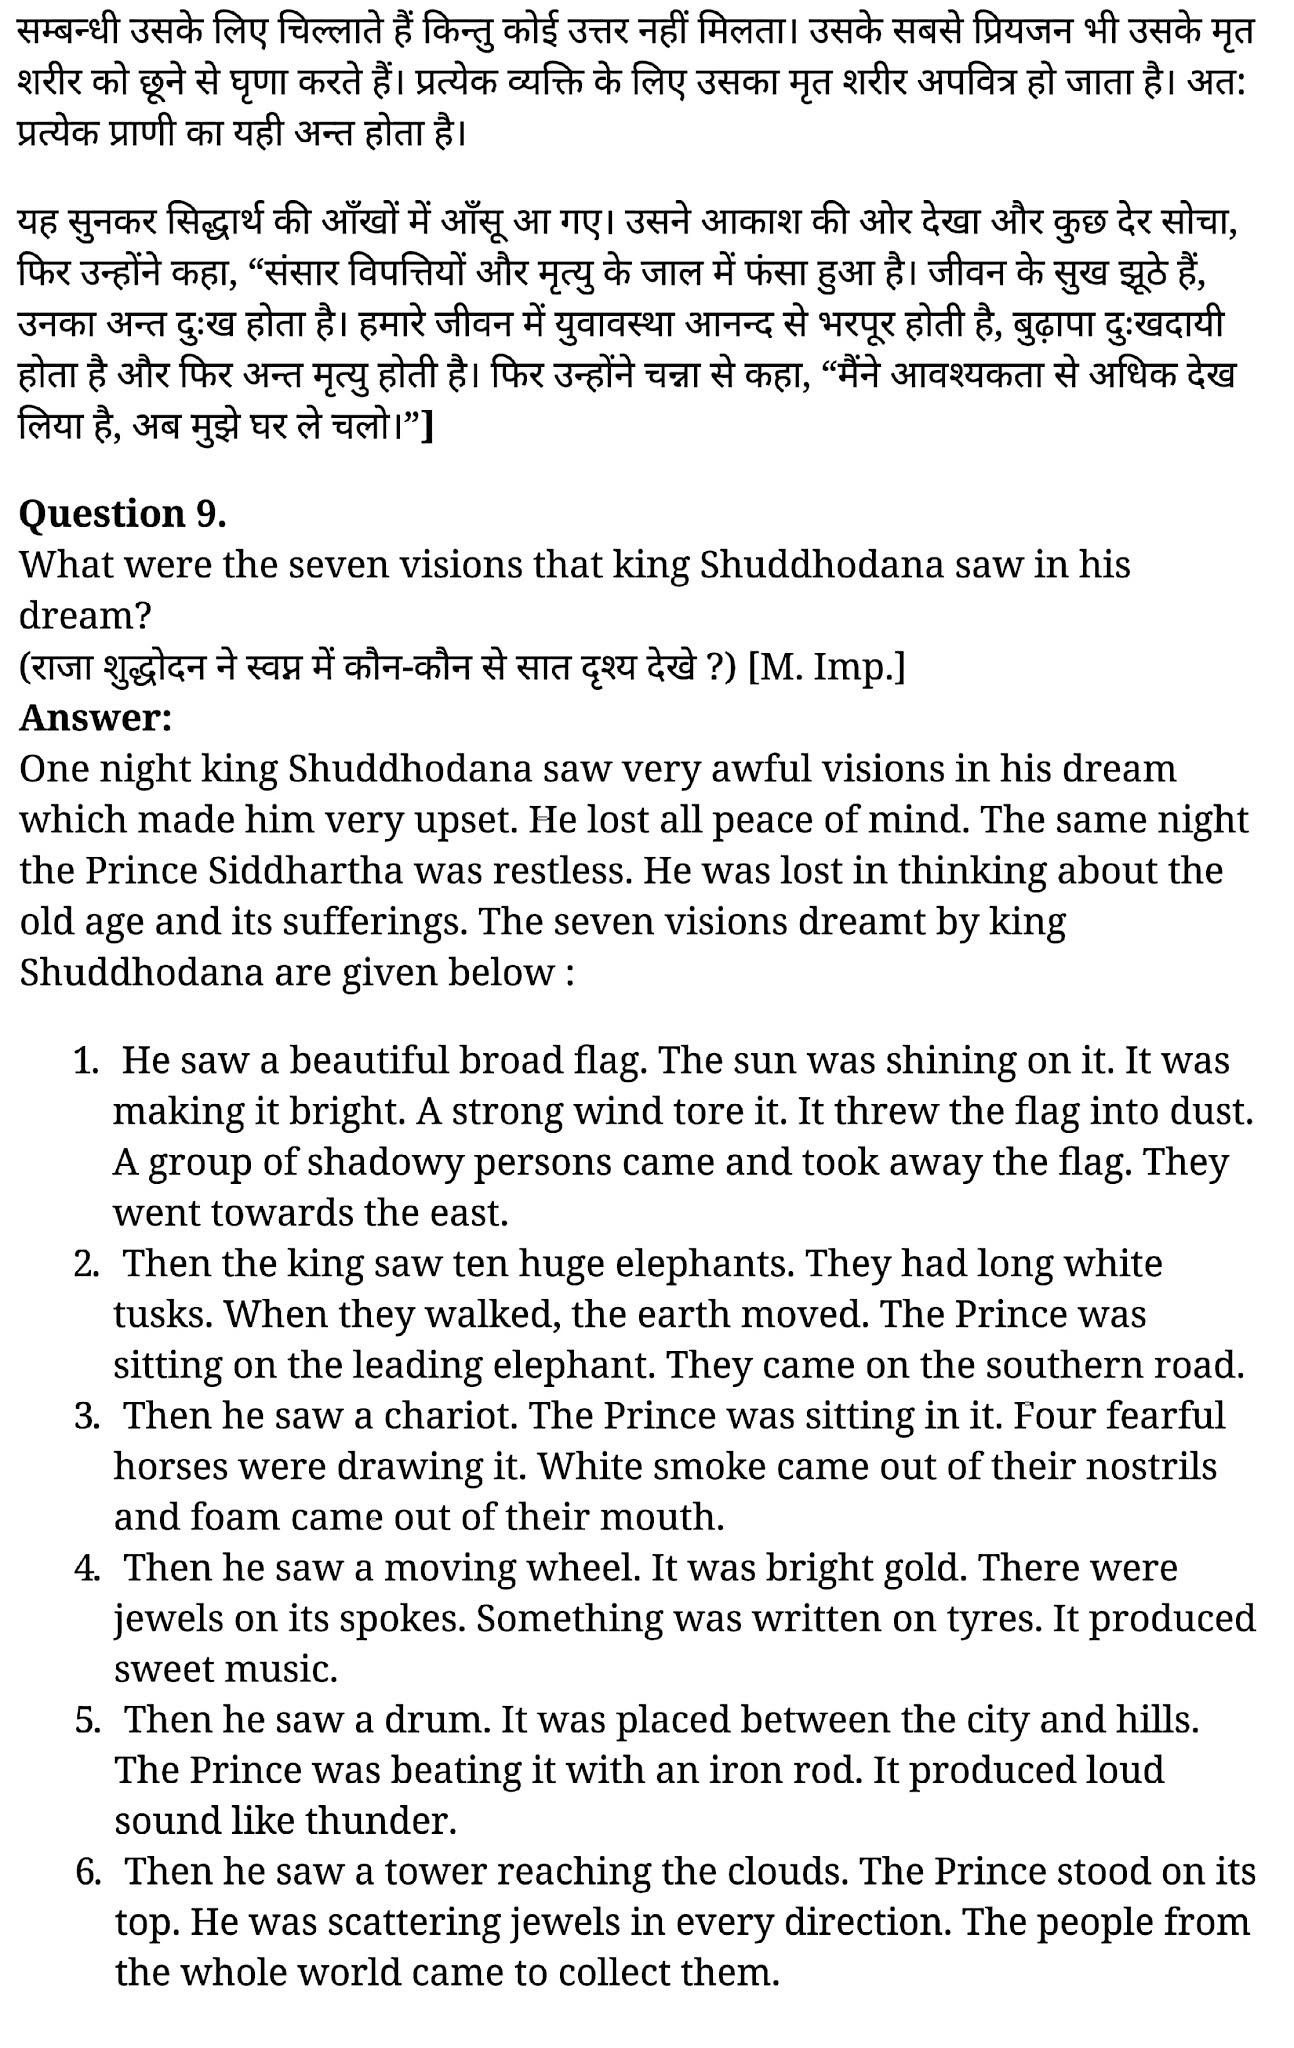 कक्षा 11 अंग्रेज़ी Poetry अध्याय 11  के नोट्स हिंदी में एनसीईआरटी समाधान,   class 11 english Poetry chapter 11,  class 11 english Poetry chapter 11 ncert solutions in hindi,  class 11 english Poetry chapter 11 notes in hindi,  class 11 english Poetry chapter 11 question answer,  class 11 english Poetry chapter 11 notes,  11   class Poetry chapter 11 Poetry chapter 11 in hindi,  class 11 english Poetry chapter 11 in hindi,  class 11 english Poetry chapter 11 important questions in hindi,  class 11 english  chapter 11 notes in hindi,  class 11 english Poetry chapter 11 test,  class 11 english  chapter 1Poetry chapter 11 pdf,  class 11 english Poetry chapter 11 notes pdf,  class 11 english Poetry chapter 11 exercise solutions,  class 11 english Poetry chapter 1, class 11 english Poetry chapter 11 notes study rankers,  class 11 english Poetry chapter 11 notes,  class 11 english  chapter 11 notes,   Poetry chapter 11  class 11  notes pdf,  Poetry chapter 11 class 11  notes 2021 ncert,   Poetry chapter 11 class 11 pdf,    Poetry chapter 11  book,     Poetry chapter 11 quiz class 11  ,       11  th Poetry chapter 11    book up board,       up board 11  th Poetry chapter 11 notes,  कक्षा 11 अंग्रेज़ी Poetry अध्याय 11 , कक्षा 11 अंग्रेज़ी का Poetry अध्याय 11  ncert solution in hindi, कक्षा 11 अंग्रेज़ी के Poetry अध्याय 11  के नोट्स हिंदी में, कक्षा 11 का अंग्रेज़ीPoetry अध्याय 11 का प्रश्न उत्तर, कक्षा 11 अंग्रेज़ी Poetry अध्याय 11 के नोट्स, 11 कक्षा अंग्रेज़ी Poetry अध्याय 11   हिंदी में,कक्षा 11 अंग्रेज़ी Poetry अध्याय 11  हिंदी में, कक्षा 11 अंग्रेज़ी Poetry अध्याय 11  महत्वपूर्ण प्रश्न हिंदी में,कक्षा 11 के अंग्रेज़ी के नोट्स हिंदी में,अंग्रेज़ी कक्षा 11 नोट्स pdf,  अंग्रेज़ी  कक्षा 11 नोट्स 2021 ncert,  अंग्रेज़ी  कक्षा 11 pdf,  अंग्रेज़ी  पुस्तक,  अंग्रेज़ी की बुक,  अंग्रेज़ी  प्रश्नोत्तरी class 11  , 11   वीं अंग्रेज़ी  पुस्तक up board,  बिहार बोर्ड 11  पुस्तक वीं अंग्रेज़ी नोट्स,    11th Prose chapter 1   book in hindi,11  th Prose chapter 1 notes in hindi,cbse books